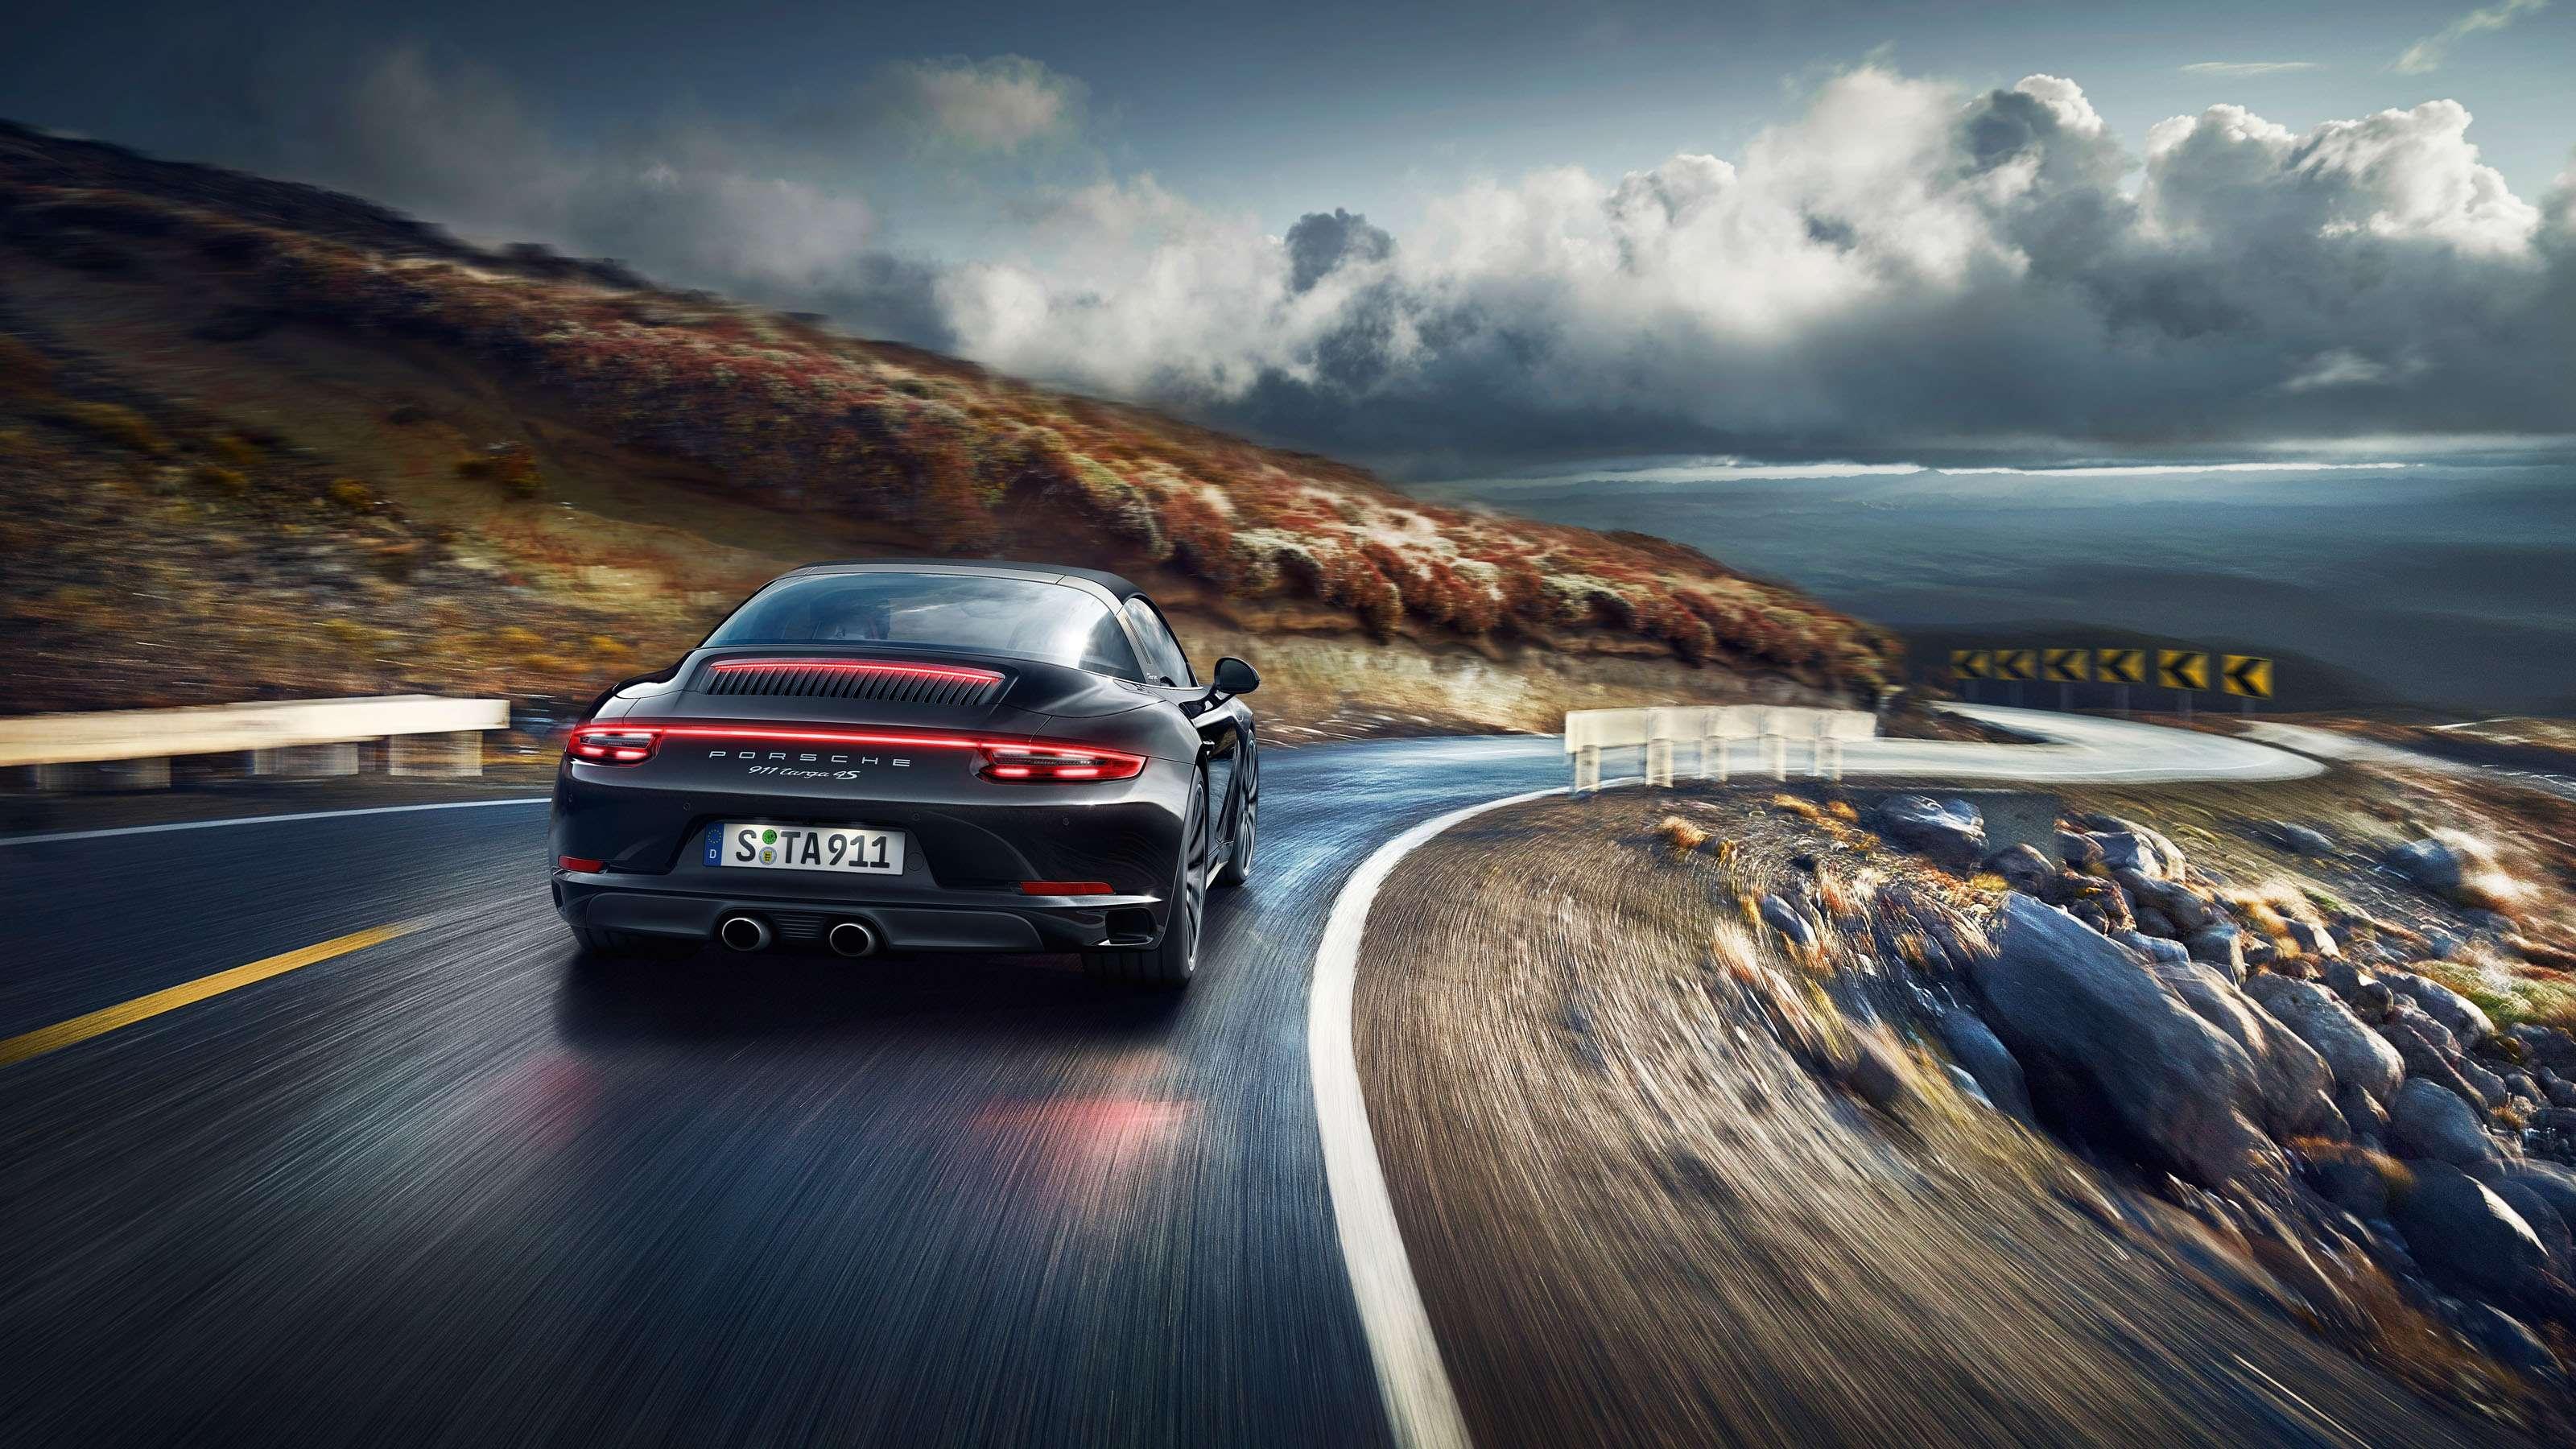 Porsche Wallpaper 57   [3200x1800] 3200x1800